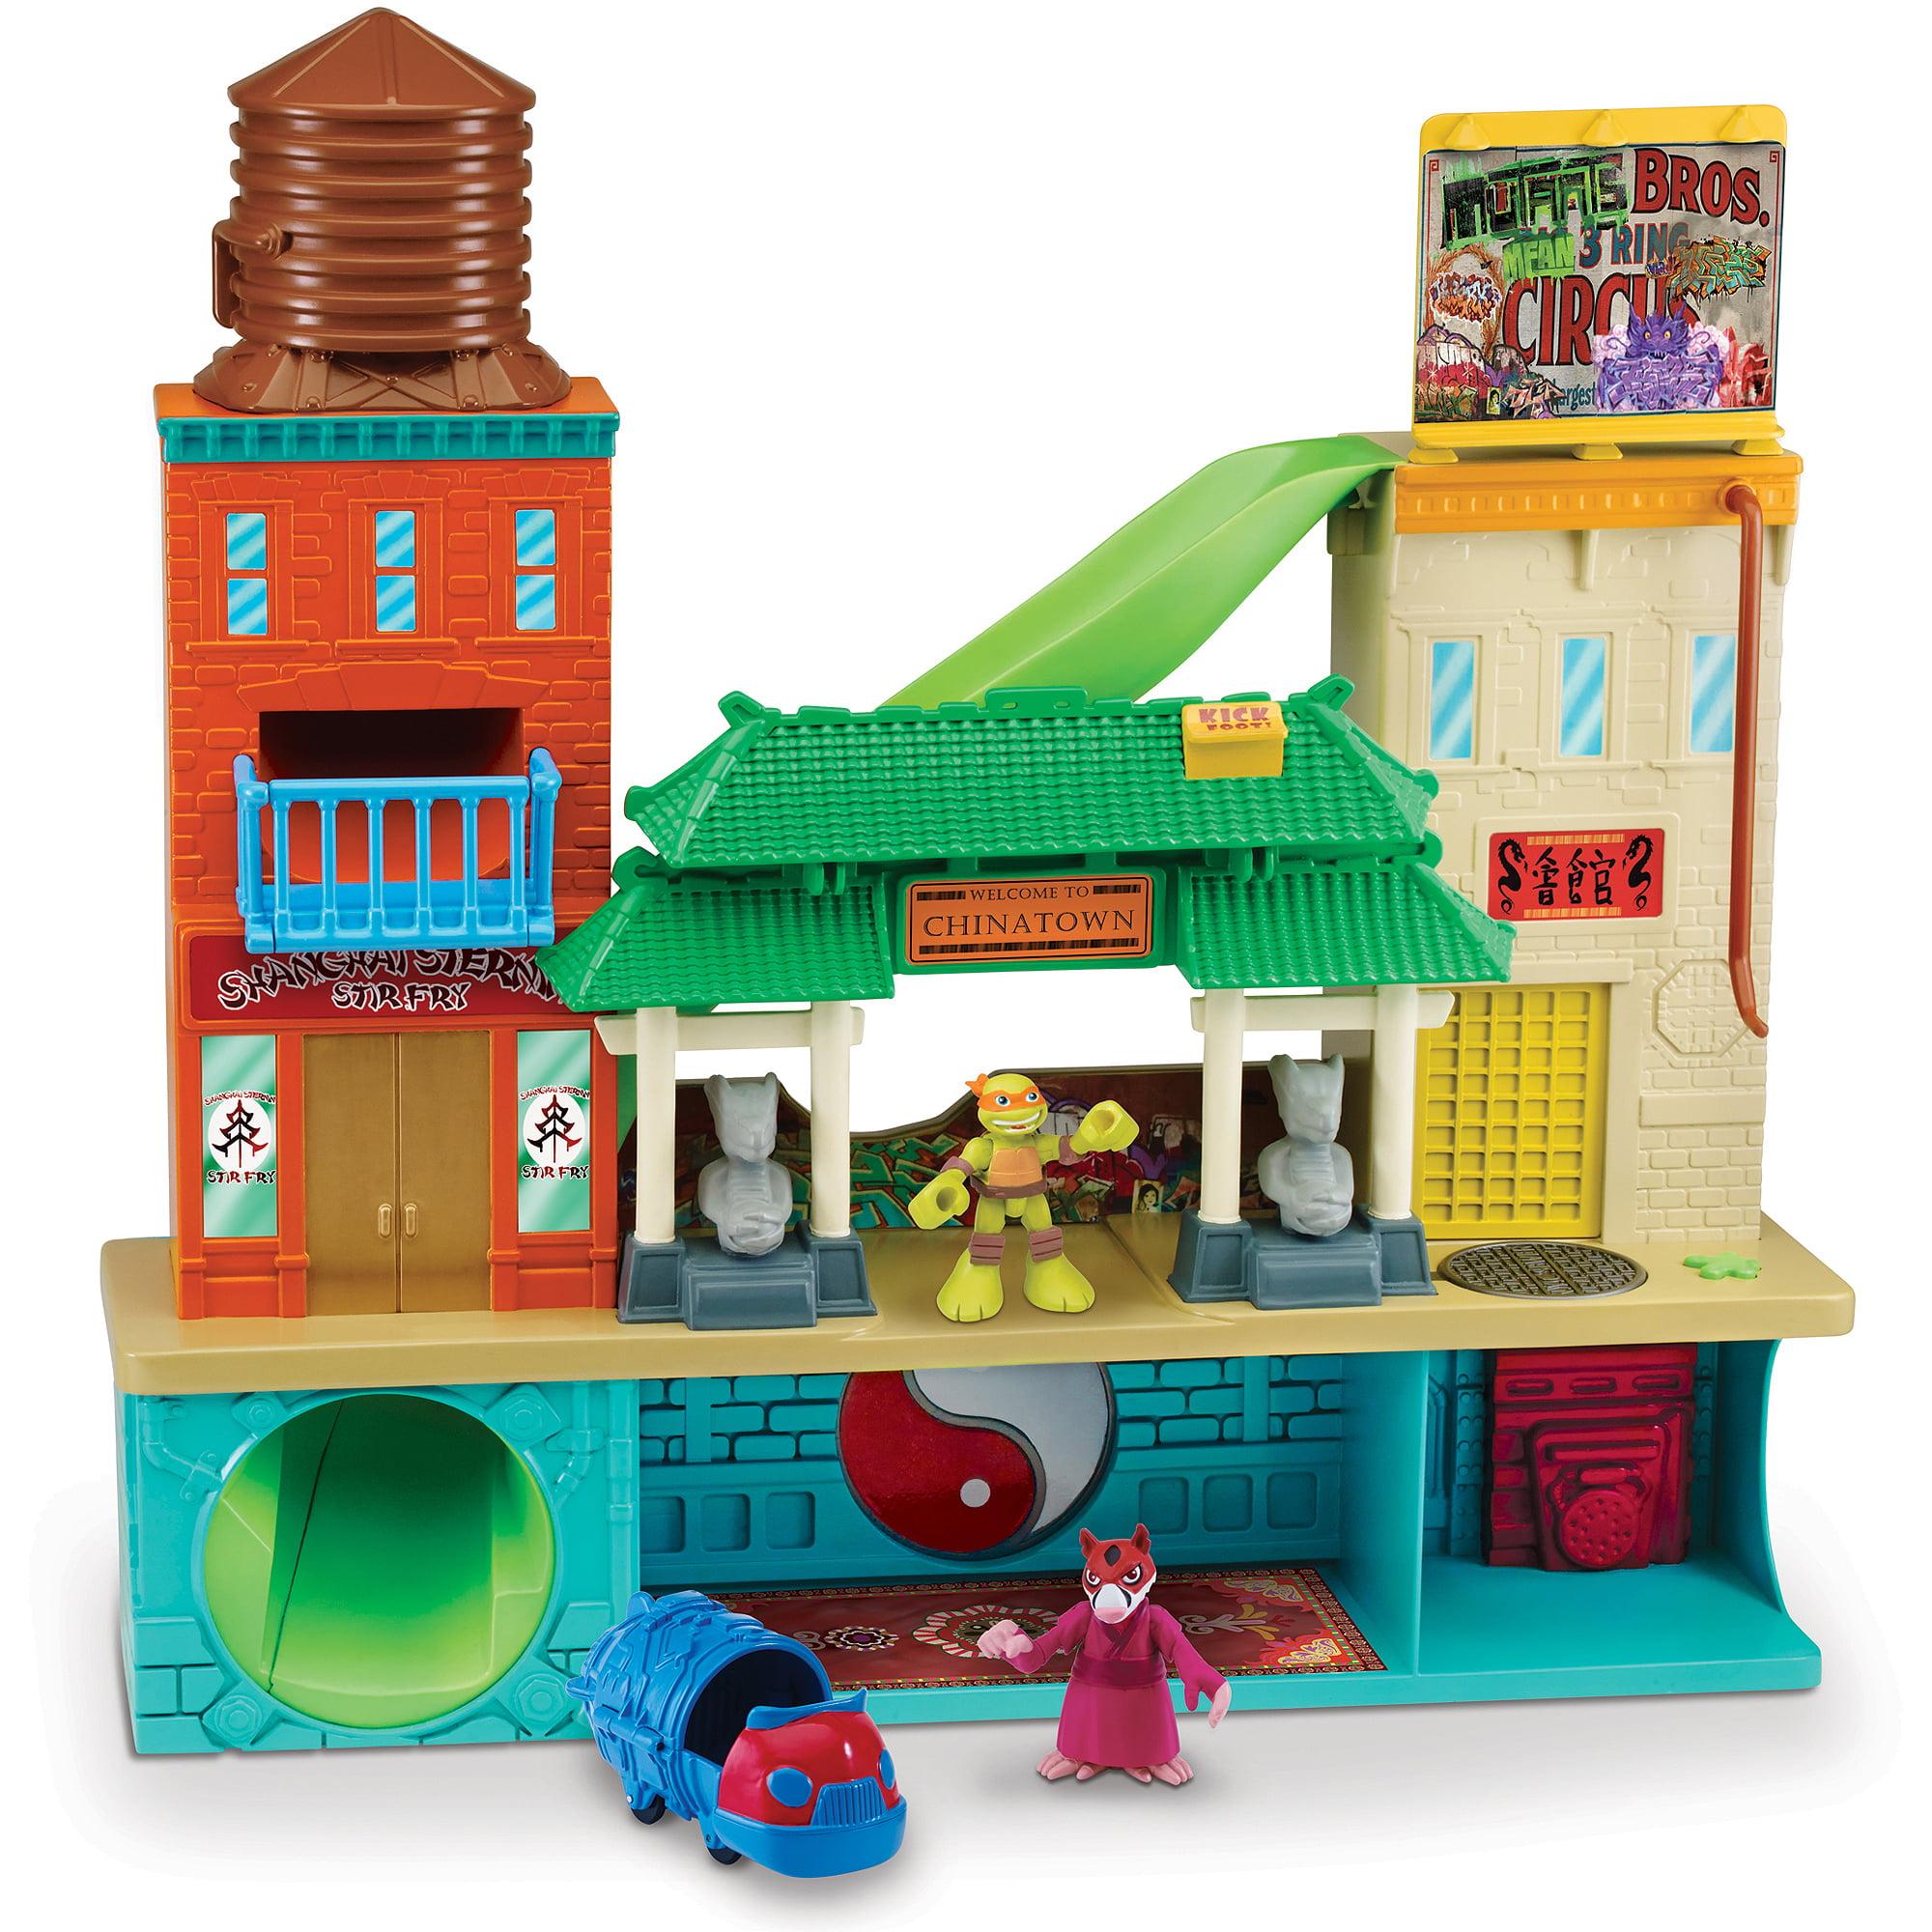 Walmart Dinosaur Toys : Schleich red tyrannosaurus rex toy dinosaur walmart